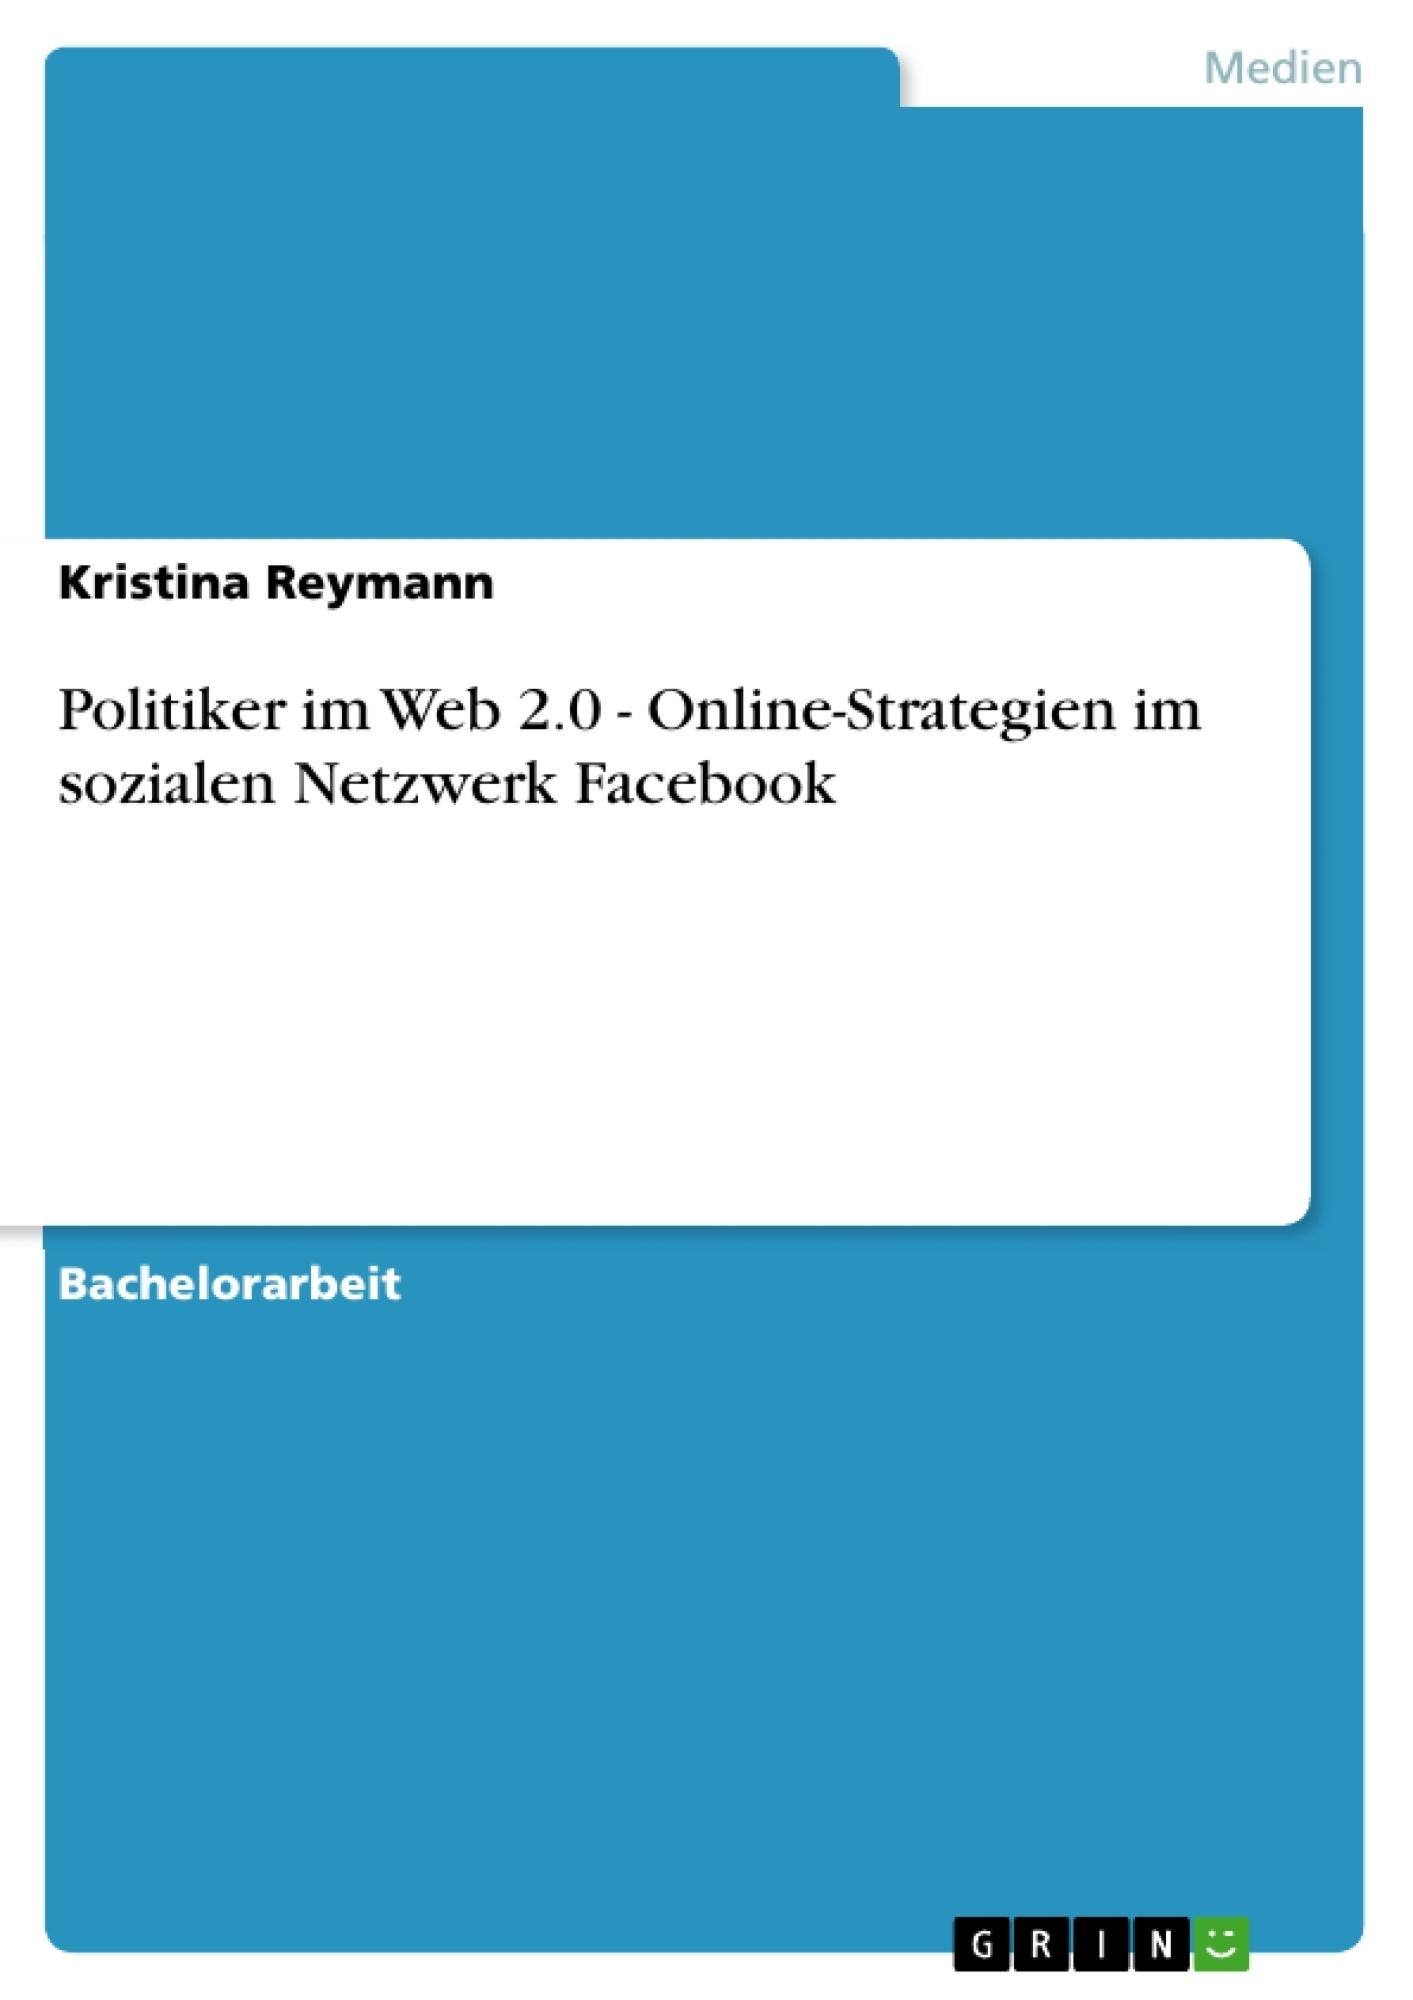 Titel: Politiker im Web 2.0 - Online-Strategien im sozialen Netzwerk Facebook